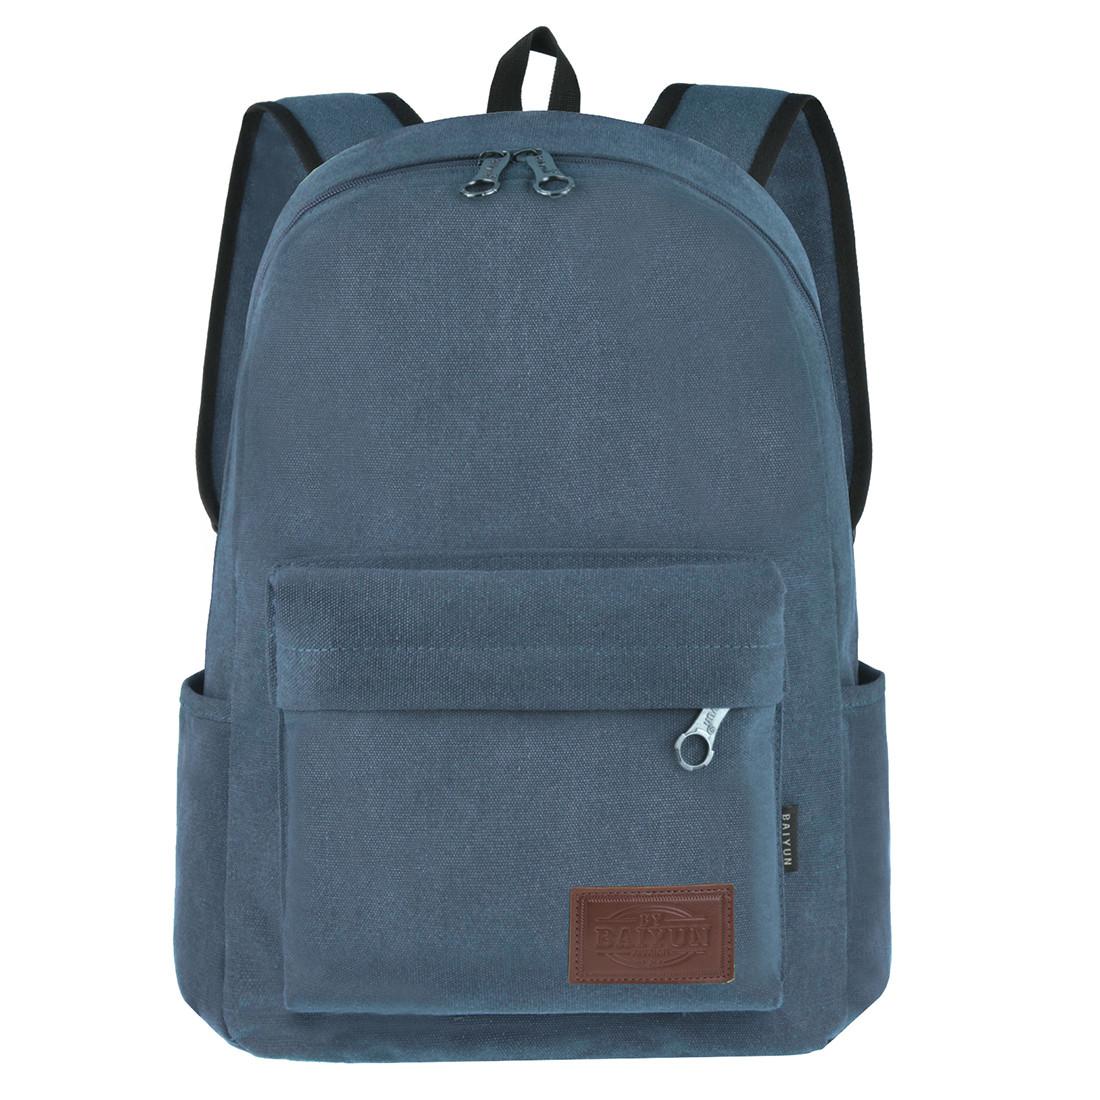 Рюкзак молодёжный BAIYUN 43х30x16 брезент  ксВУ738-6син